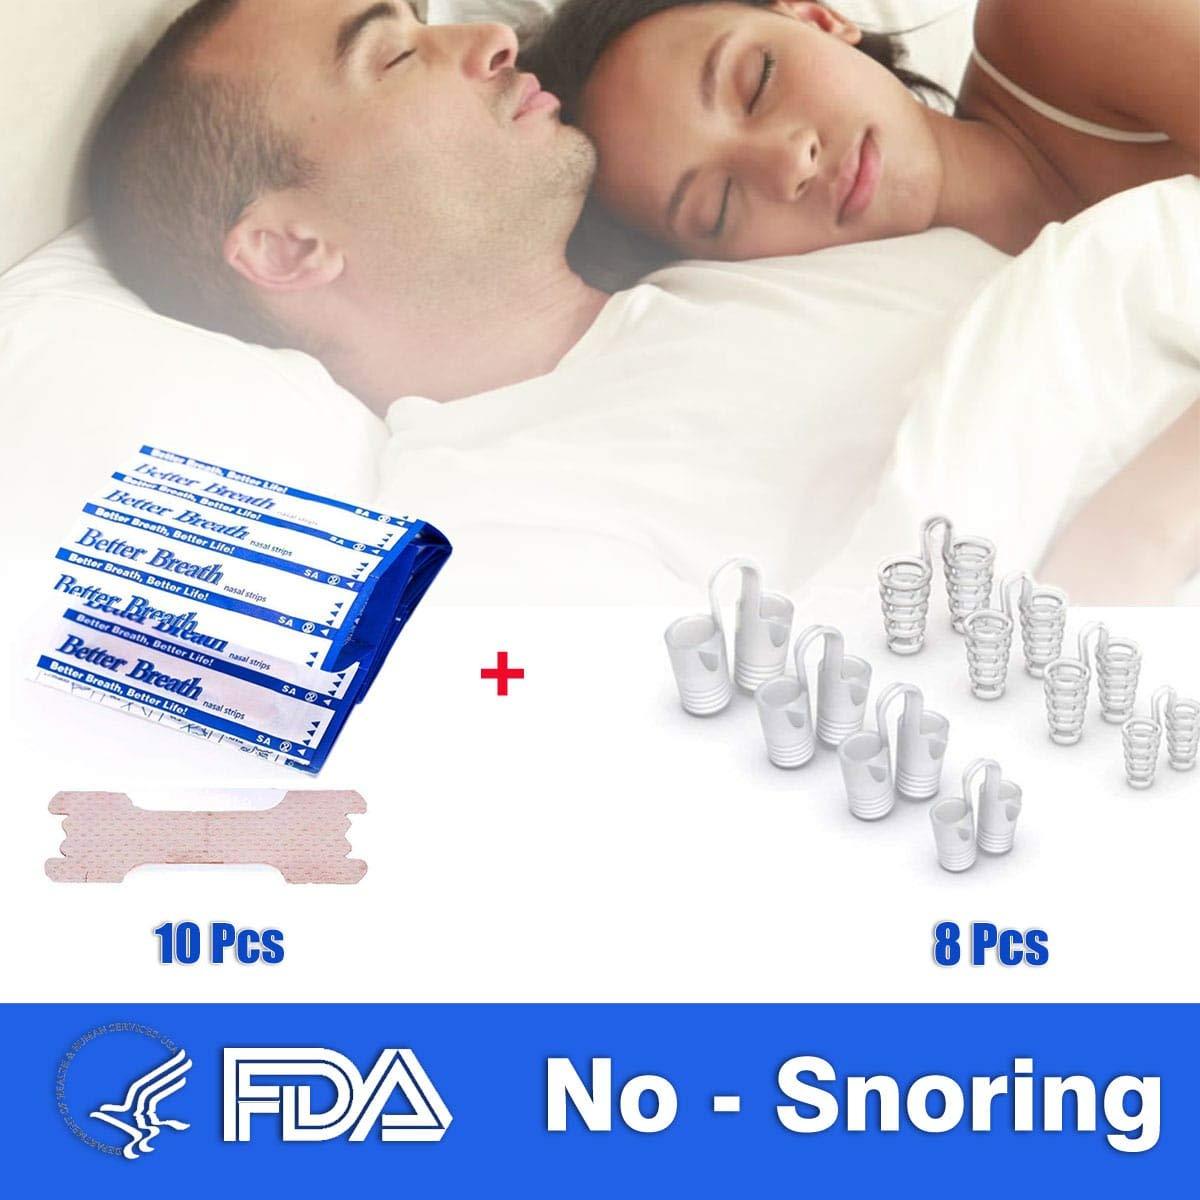 Anti Ronquido Dilatador Nasal 8 Piezas y Tiras Nasales 10 Unidades: Amazon.es: Salud y cuidado personal